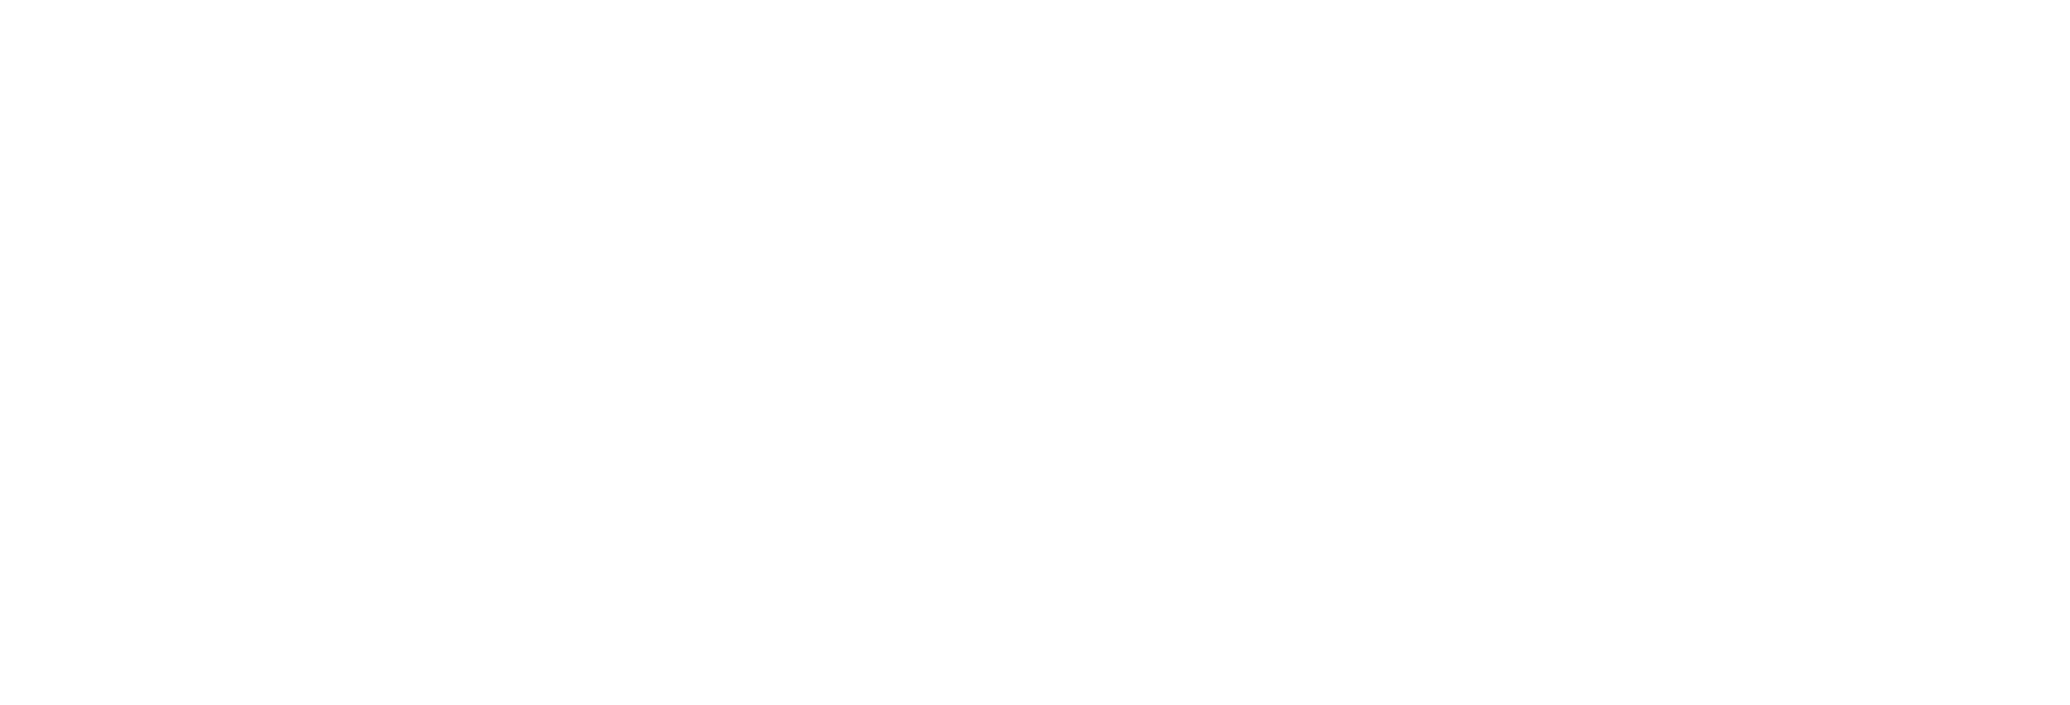 delaplex.com